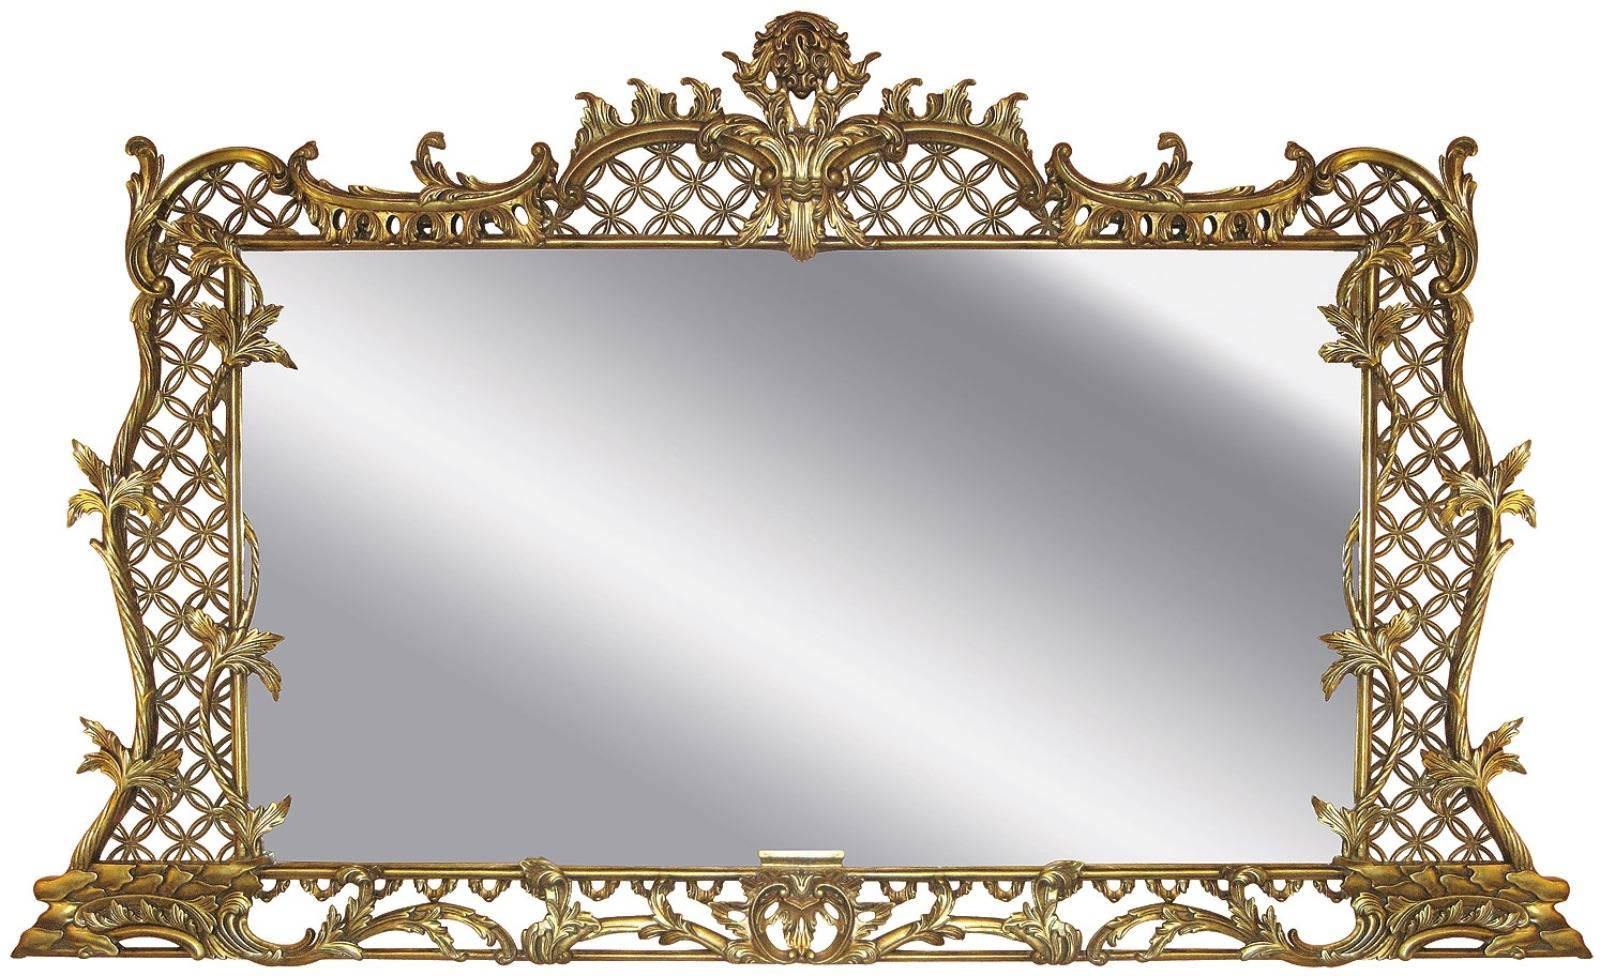 George III overmantel trellis mirror